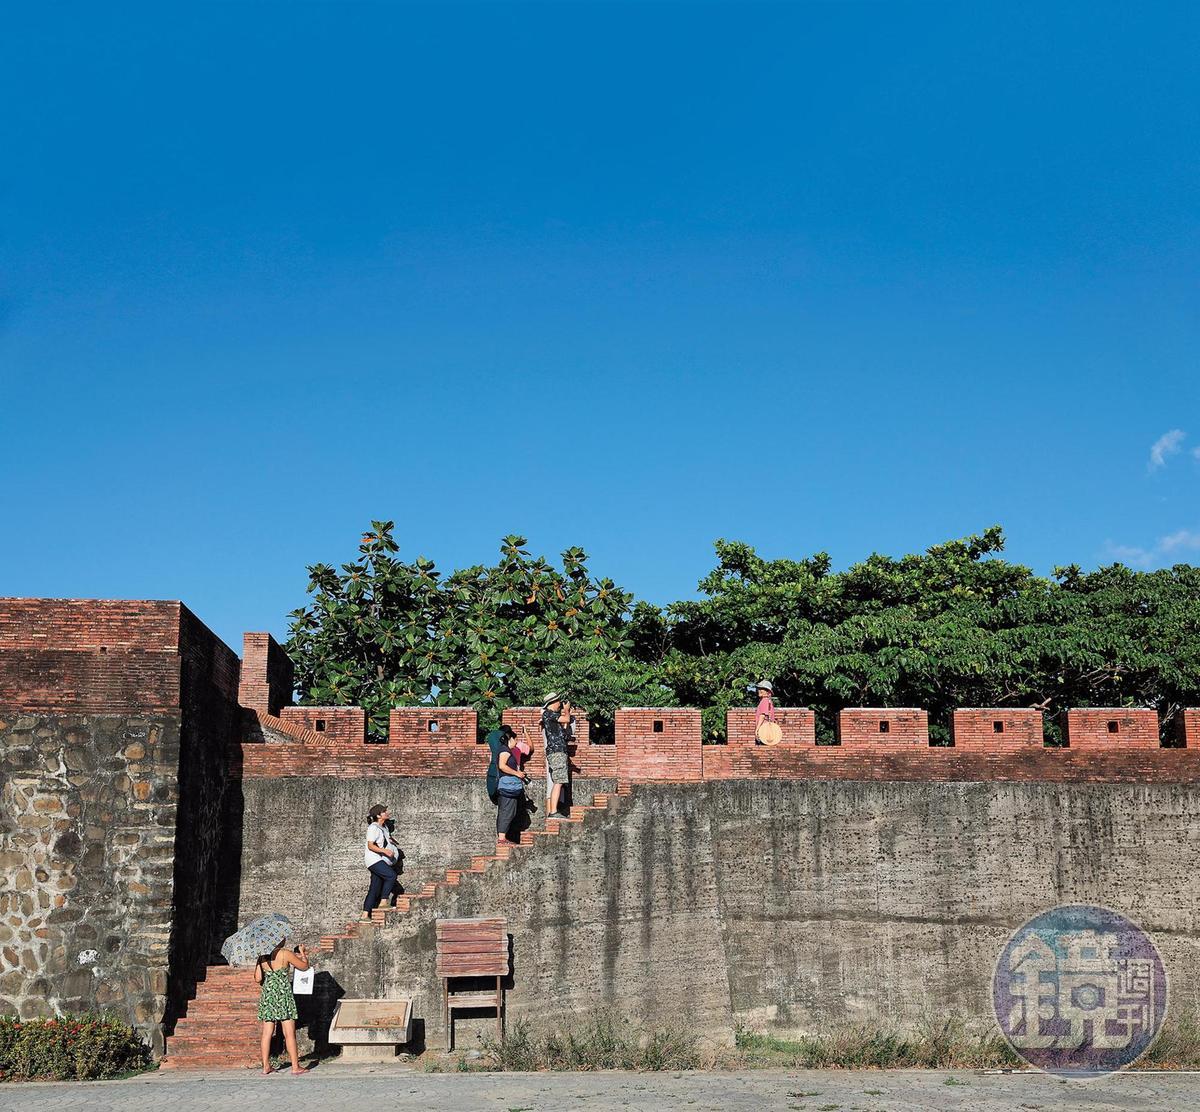 恆春古城還保留一小段城牆,讓人能遠眺城內、城外風光。